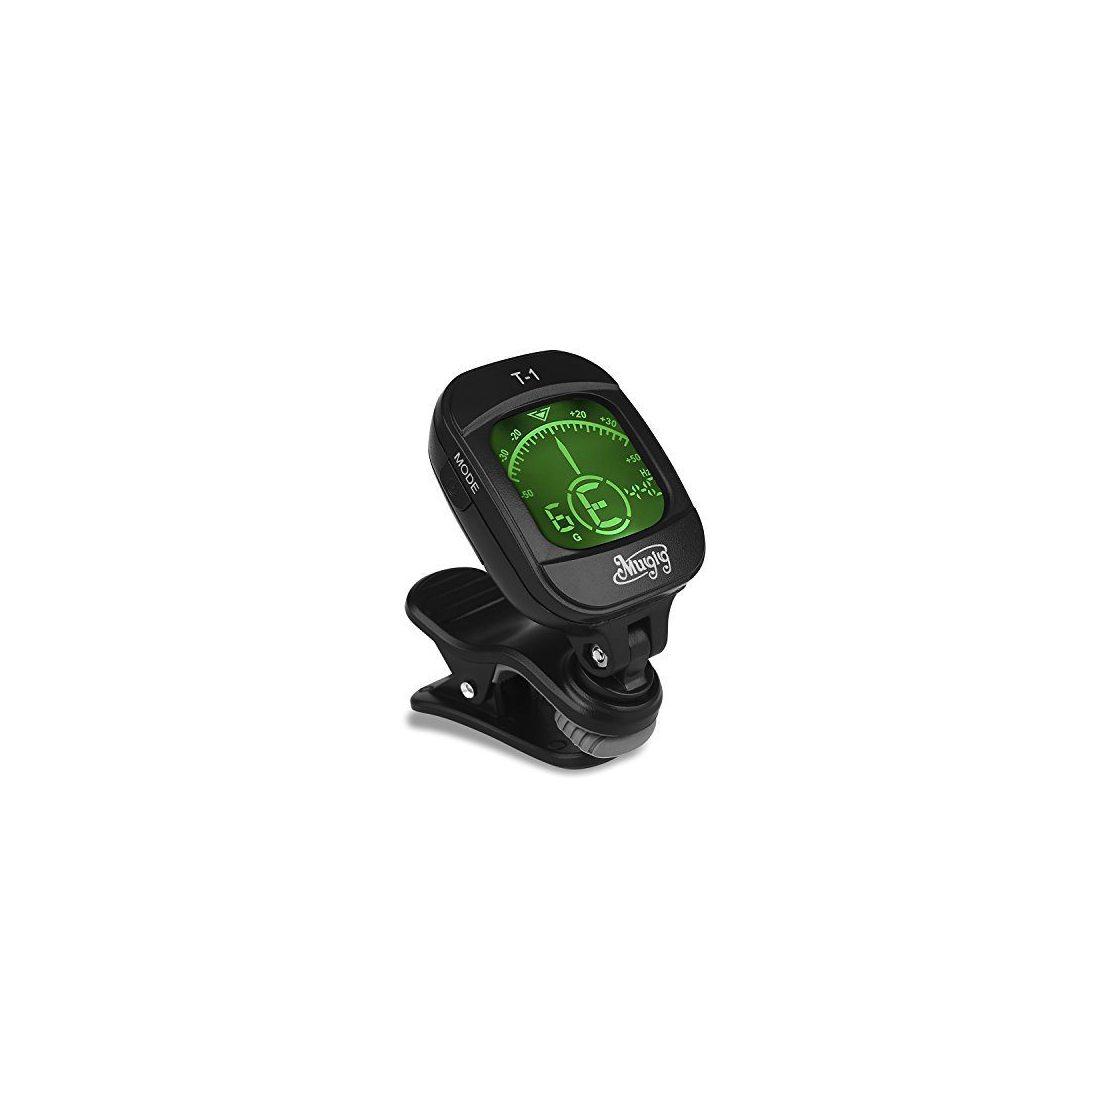 Mugig Accordeur Chromatique à Pince avec Écran LCD 360° Rotation pour Accessoire Guitare Sèche/Electrique Basse Violon Ukulel